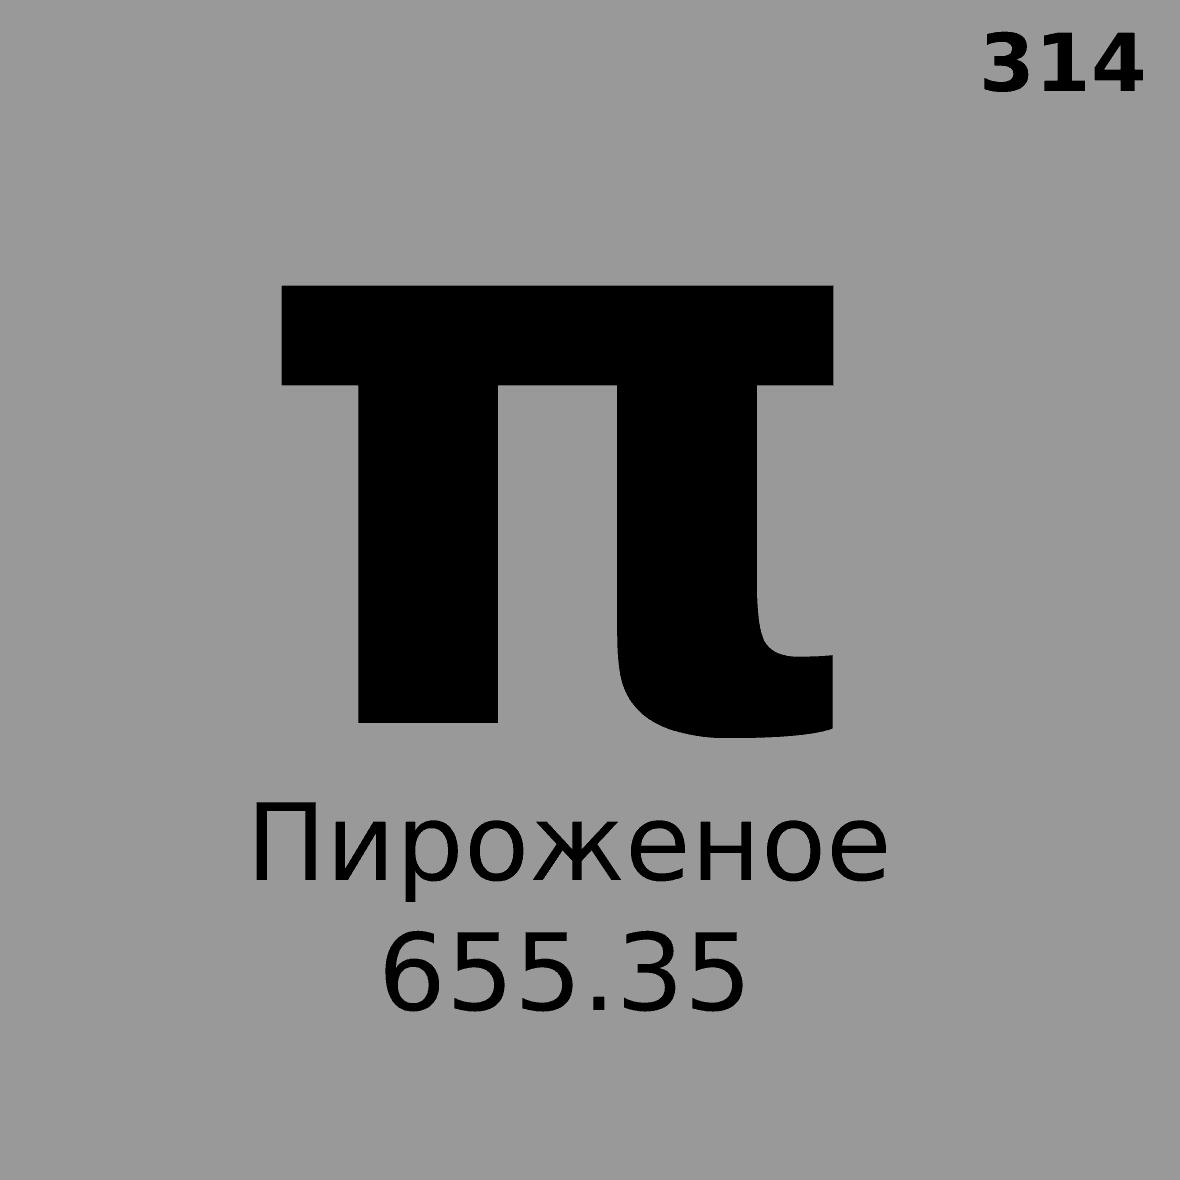 1450999391-8aefbaf32f3b6d1fa43b4b19d6c9a3df